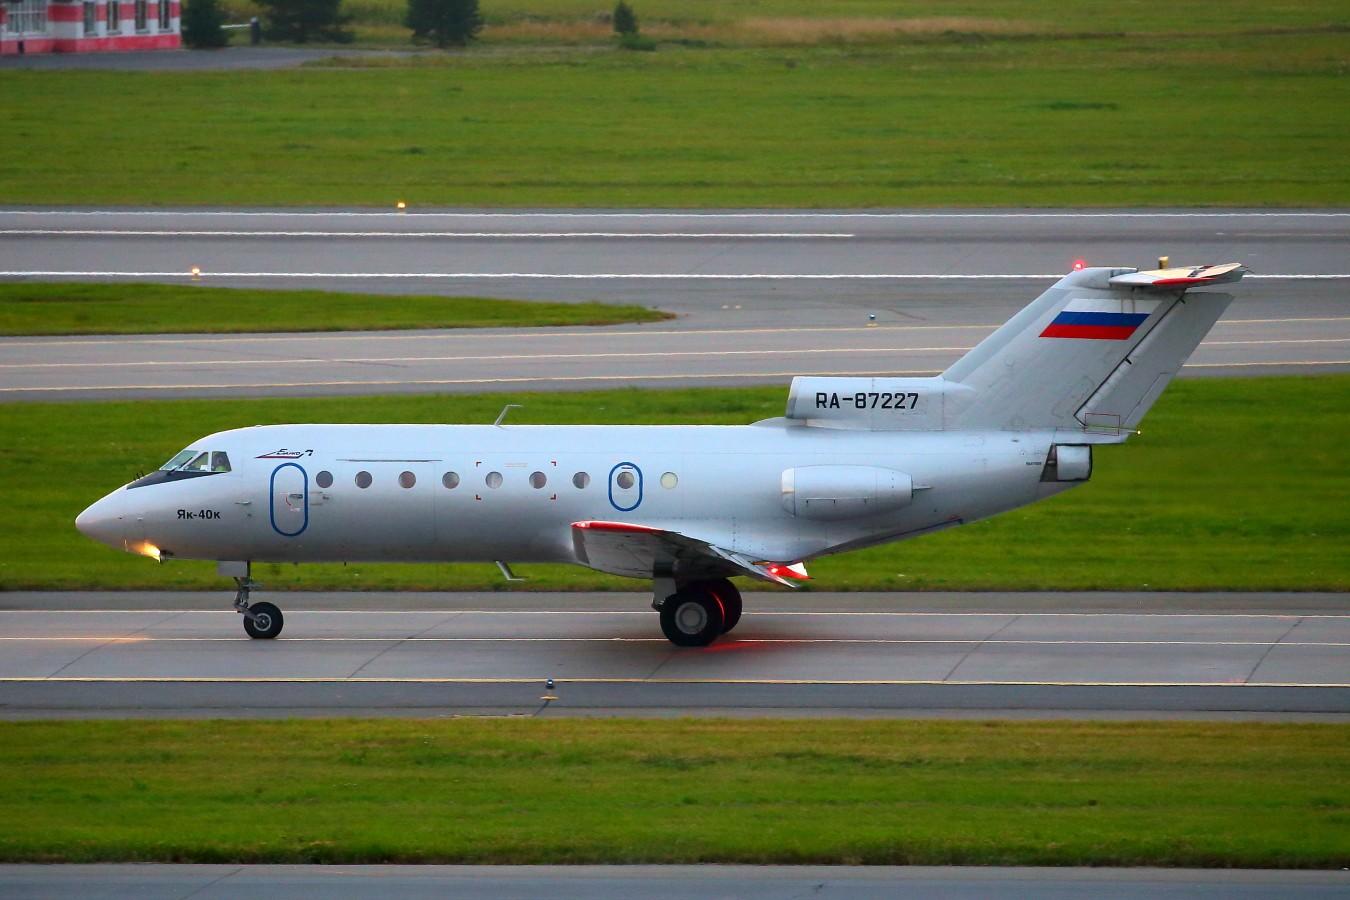 Re:[原创]再来一组俄罗斯的稀罕货(继续小飞机砸一返一,谢谢大家) YAKOVLEV YAK-40 RA-87227 俄罗斯圣彼得堡机场